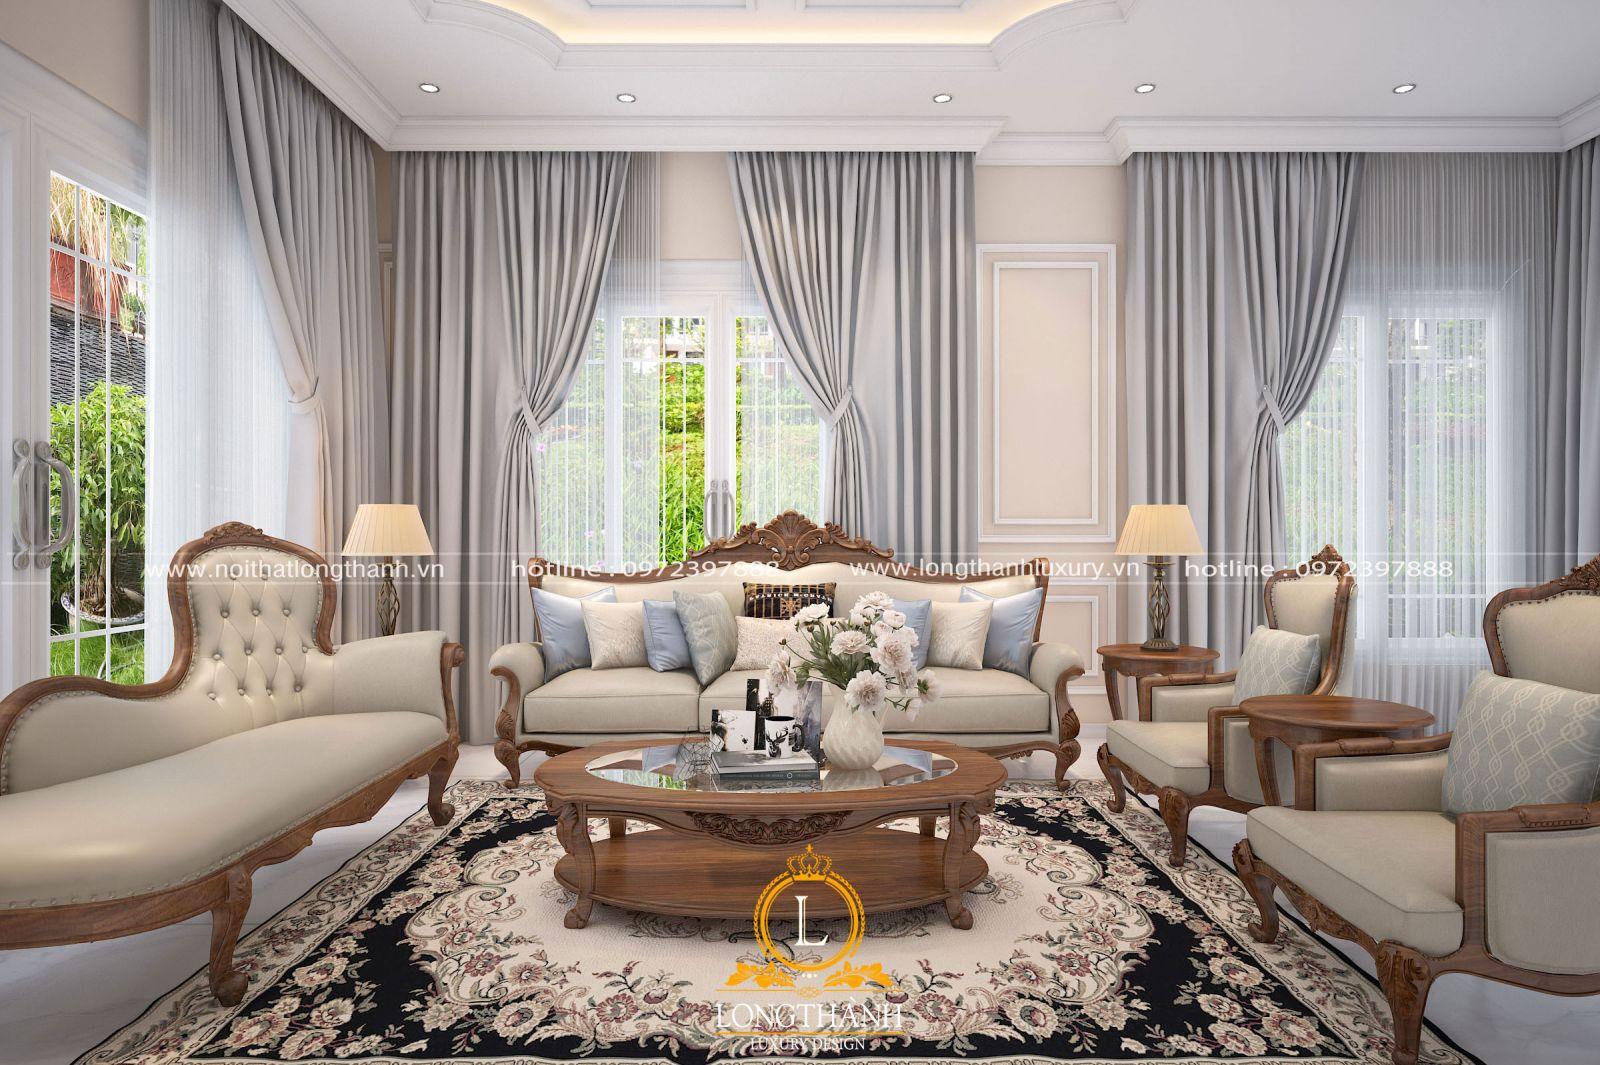 Mẫu thiết kế nội thất đẹp, hiện đại cho phòng khách biệt thự